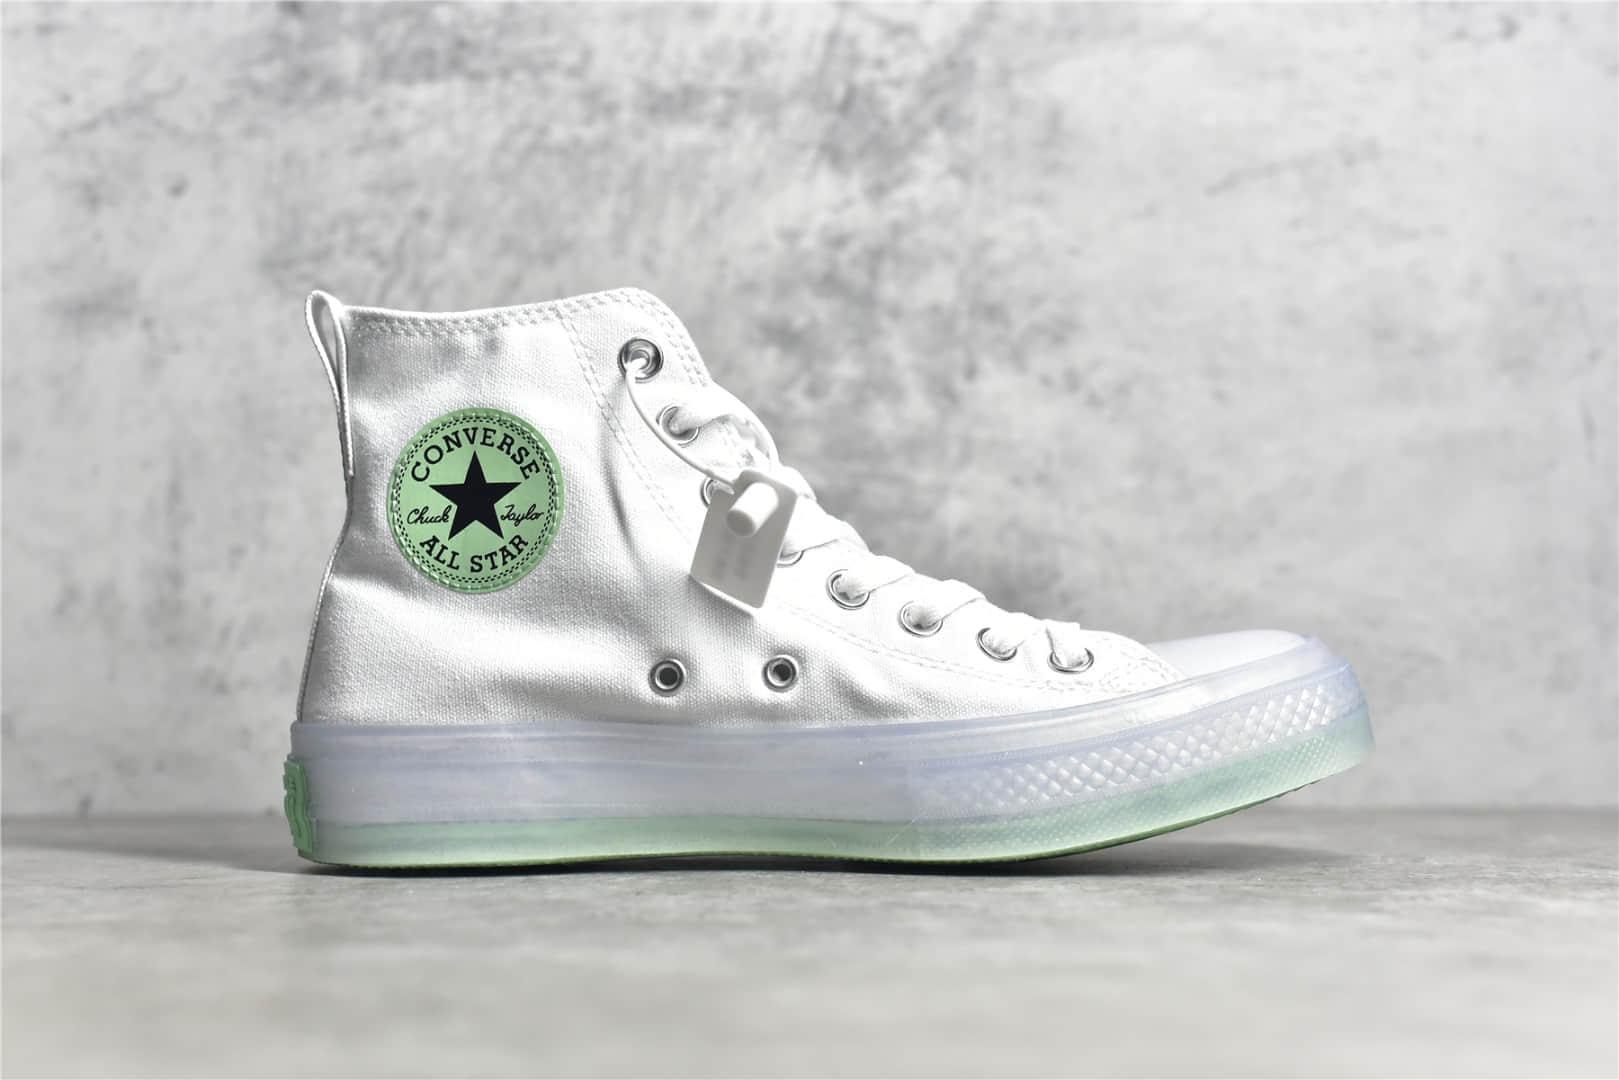 匡威白敬亭签名手绘涂鸦帆布鞋Converse Chuck 70s CX 匡威手绘涂鸦匡威皇冠流星 货号:171228C-潮流者之家